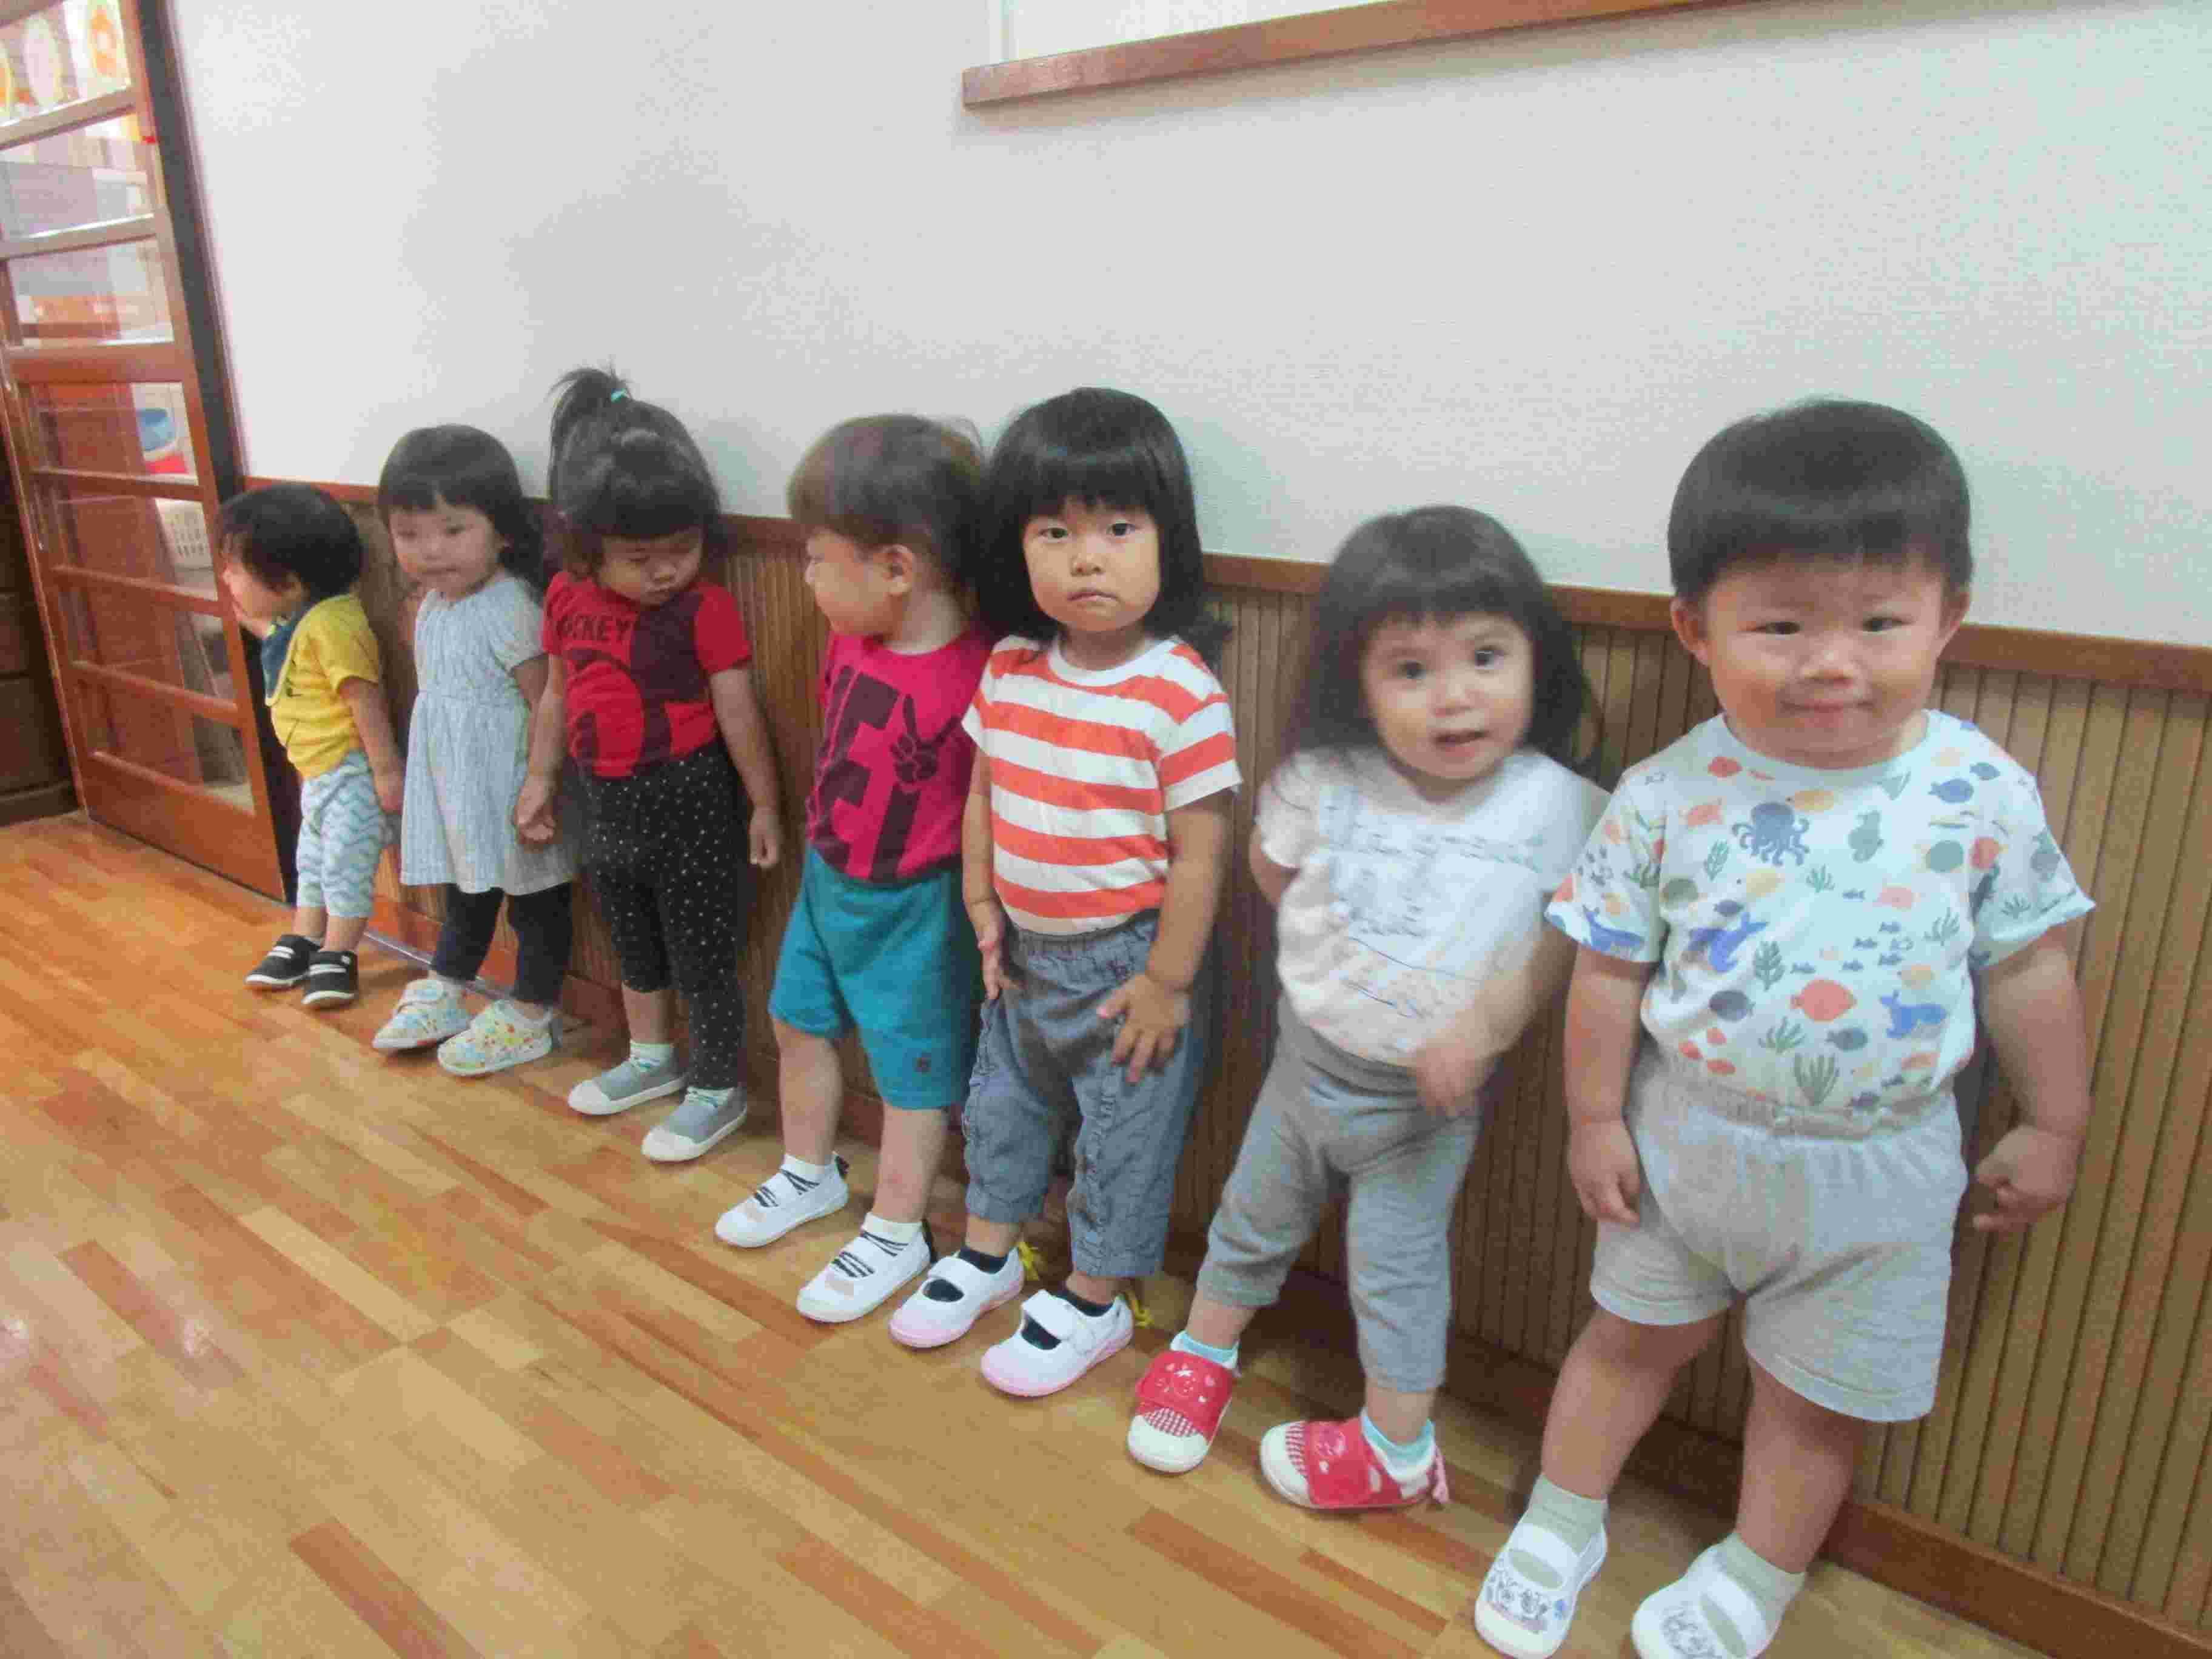 壁に沿って並ぶ子ども達